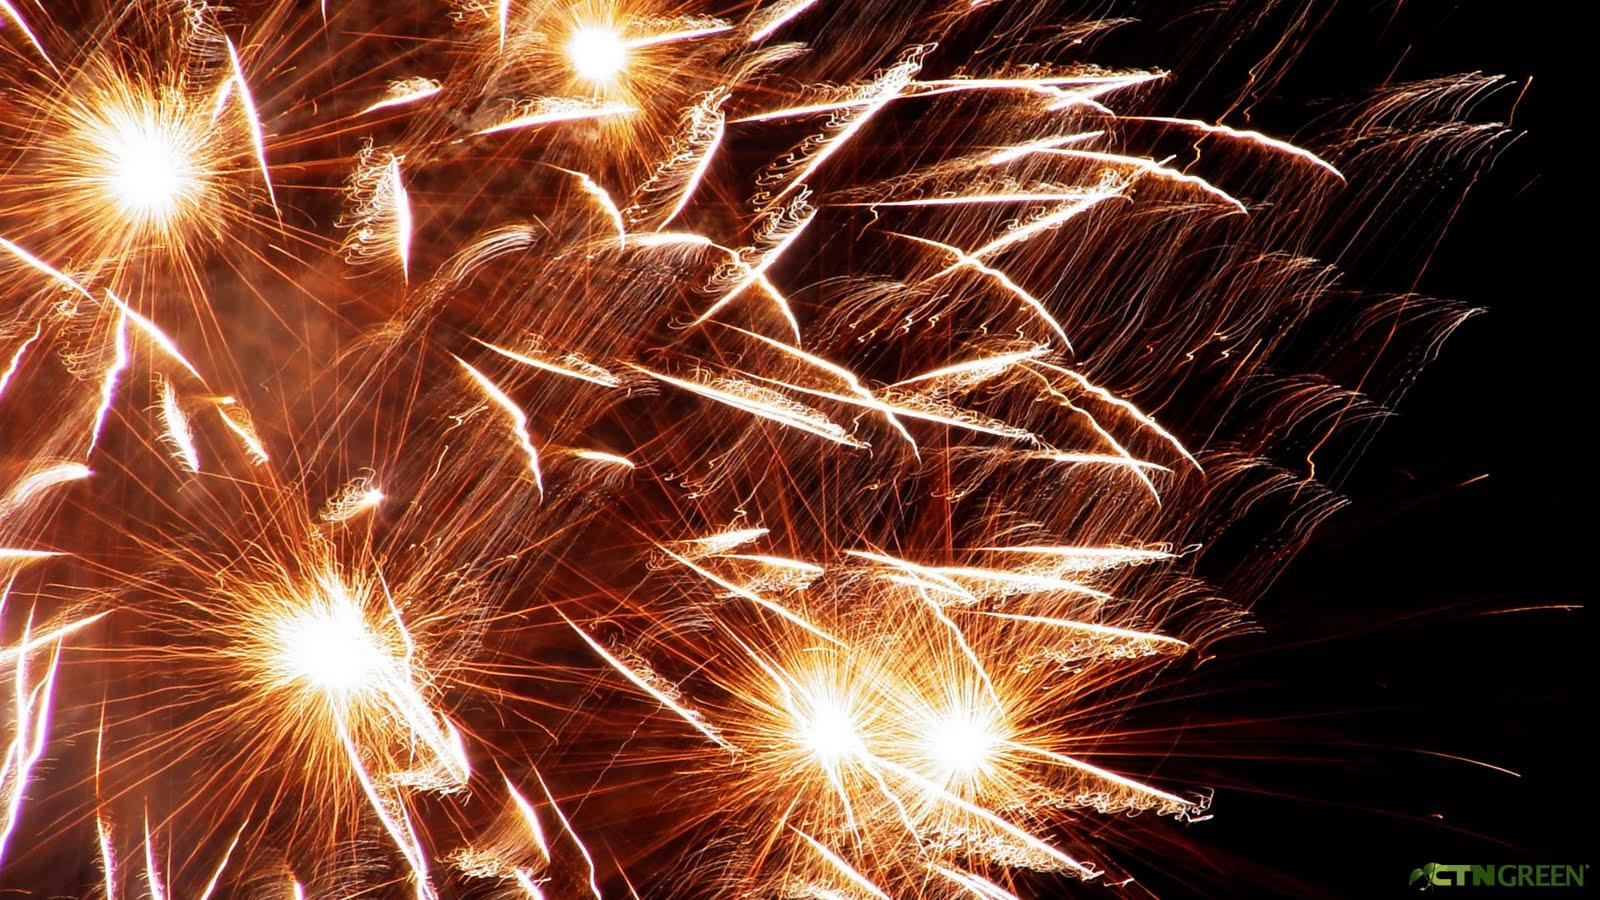 http://4.bp.blogspot.com/_h9MIntbuZnA/TC35EKu4niI/AAAAAAAAAII/DtkVb6Vu0kA/s1600/ctngreen-wallpaper-fireworks3.jpg